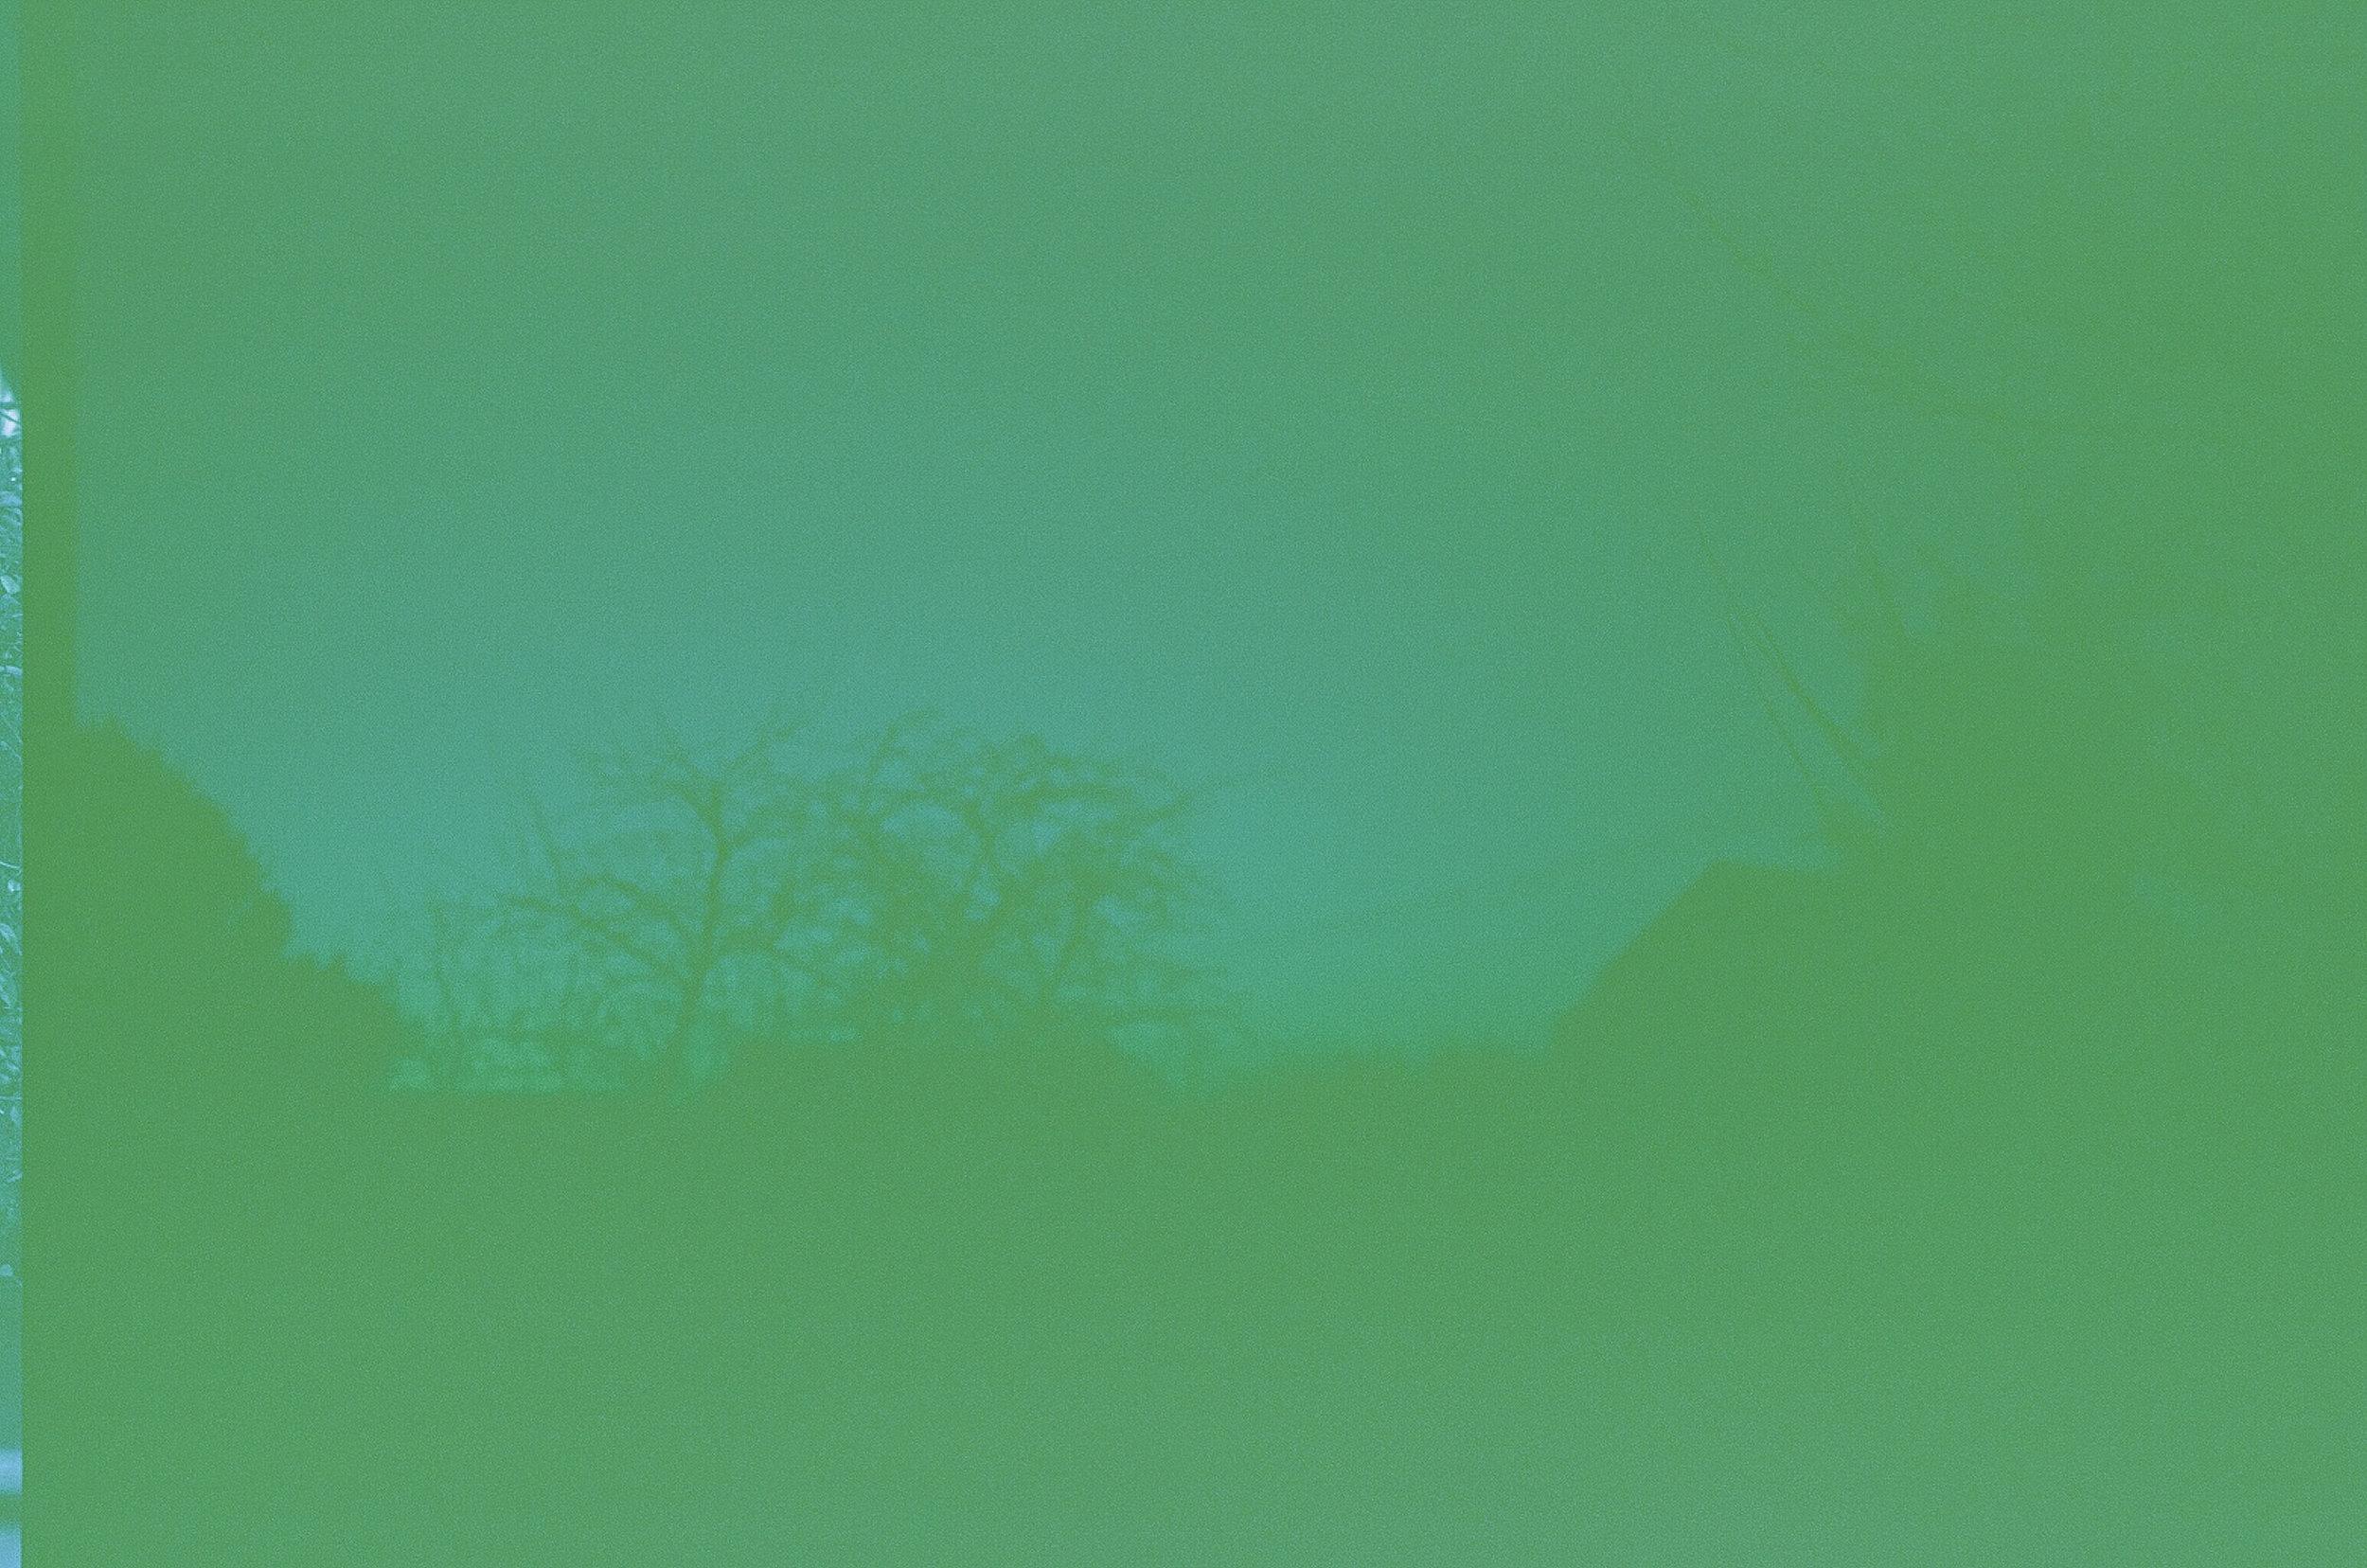 Green-4.jpg